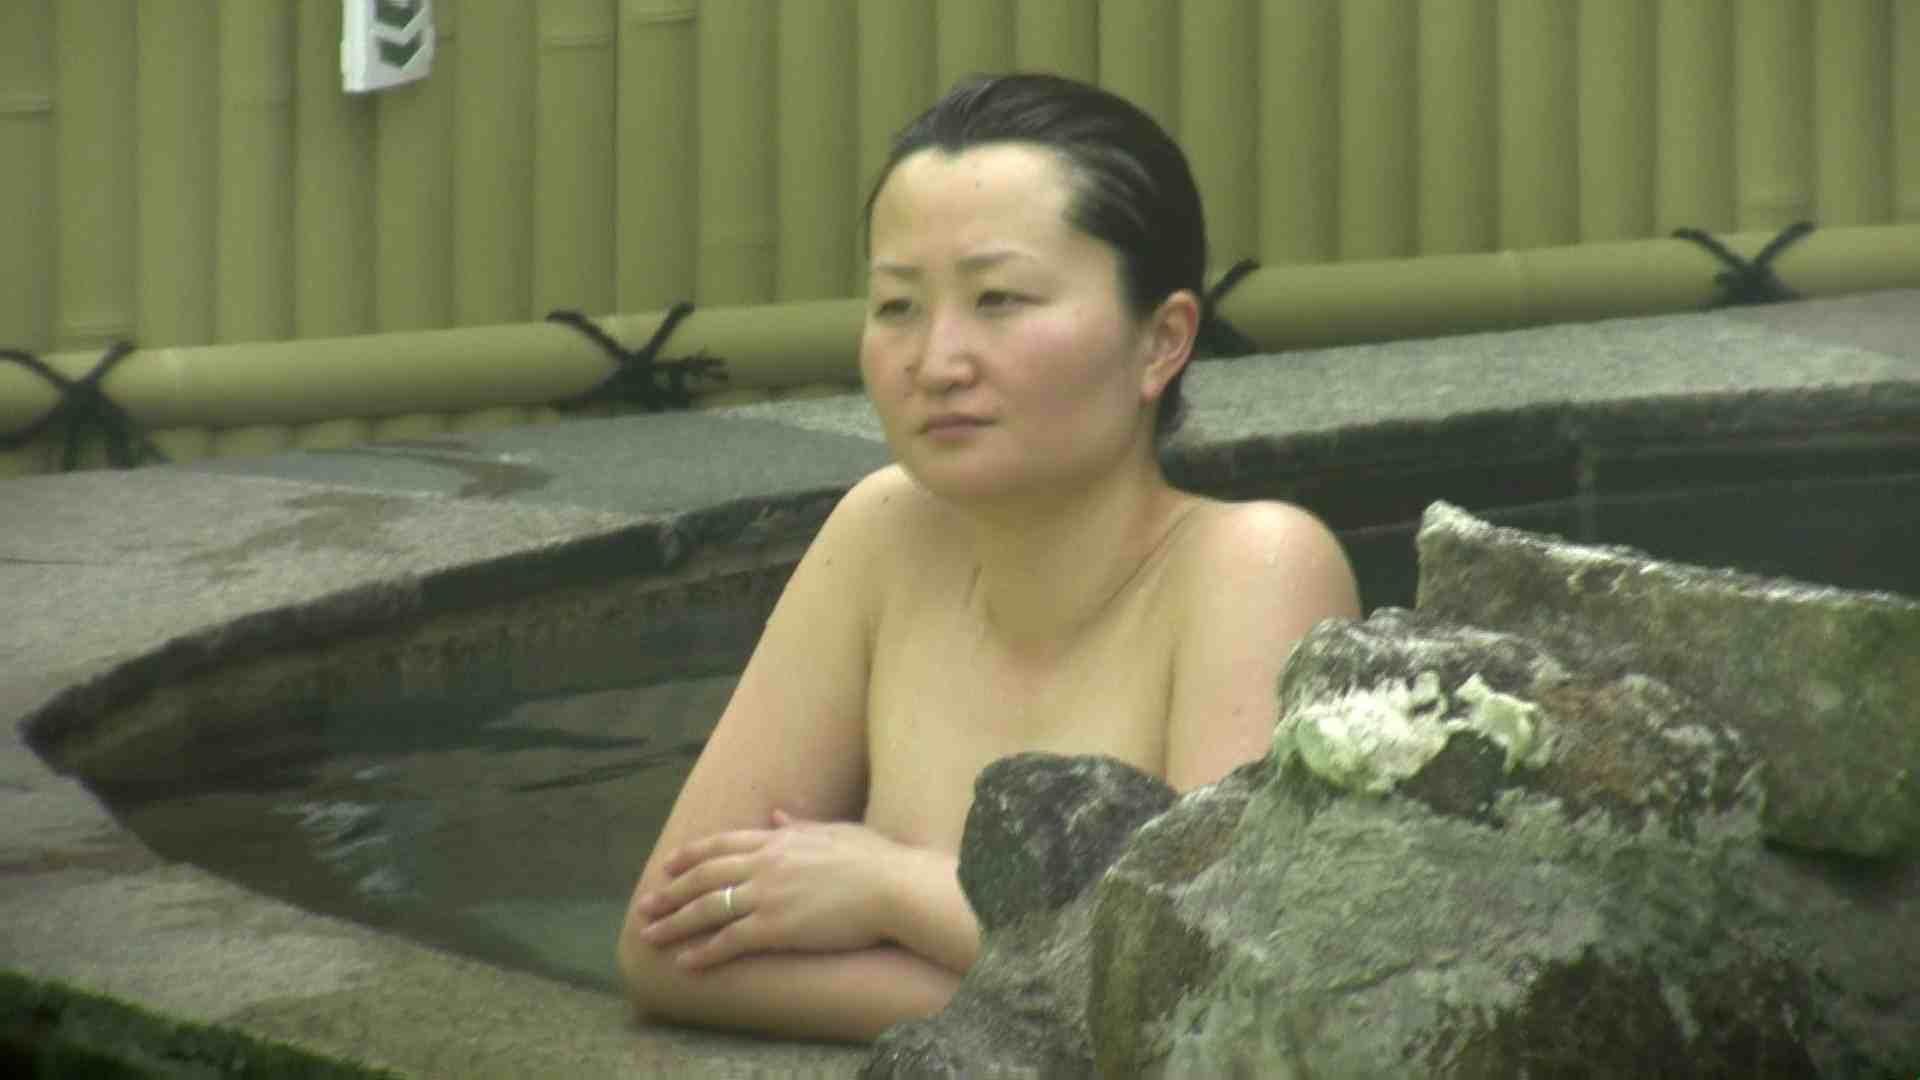 Aquaな露天風呂Vol.632 露天  111pic 7